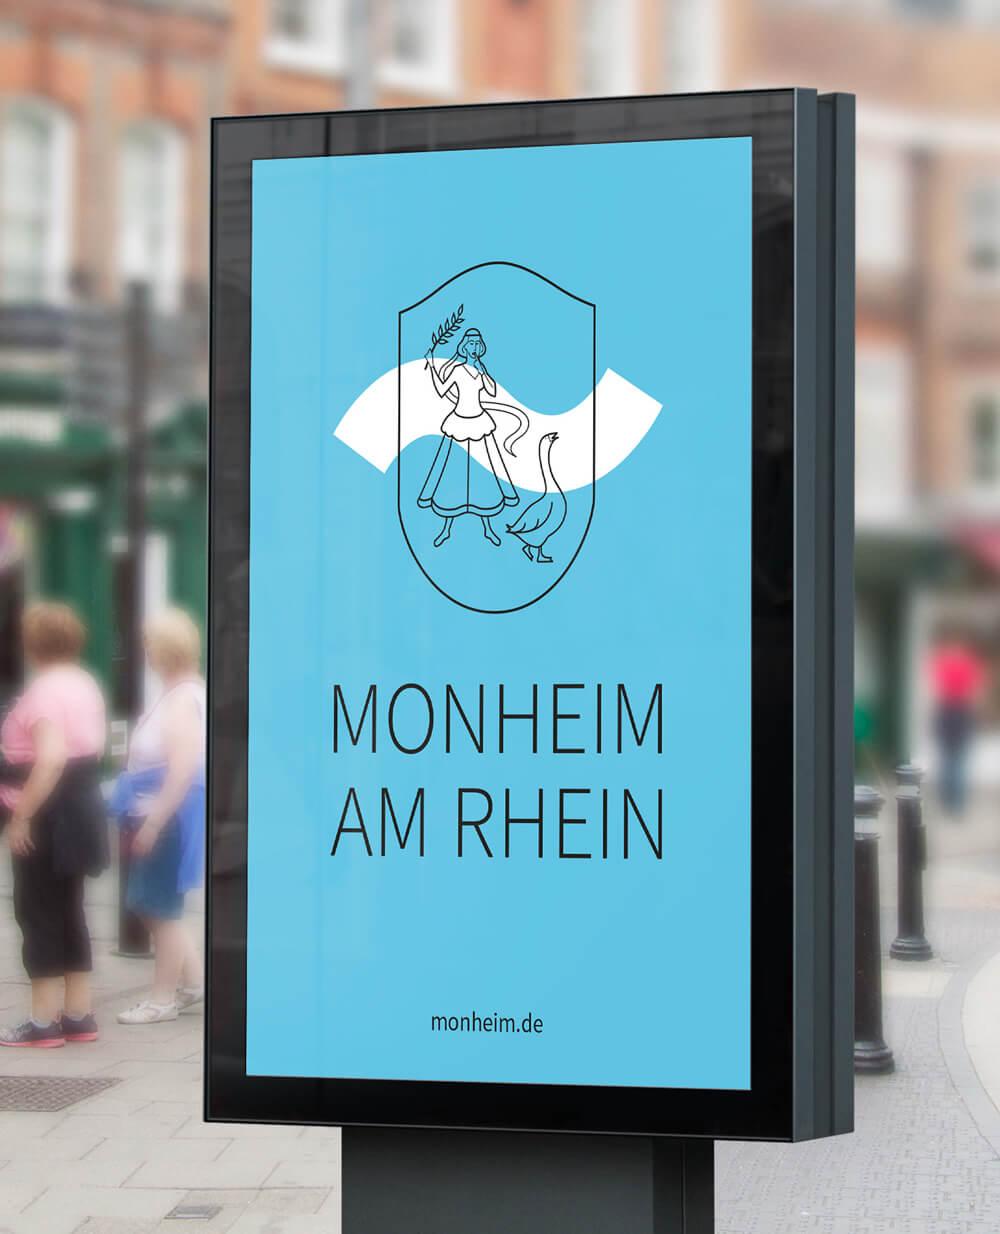 Monheim am Rhein Logo Aussenwerbung Citylight blau